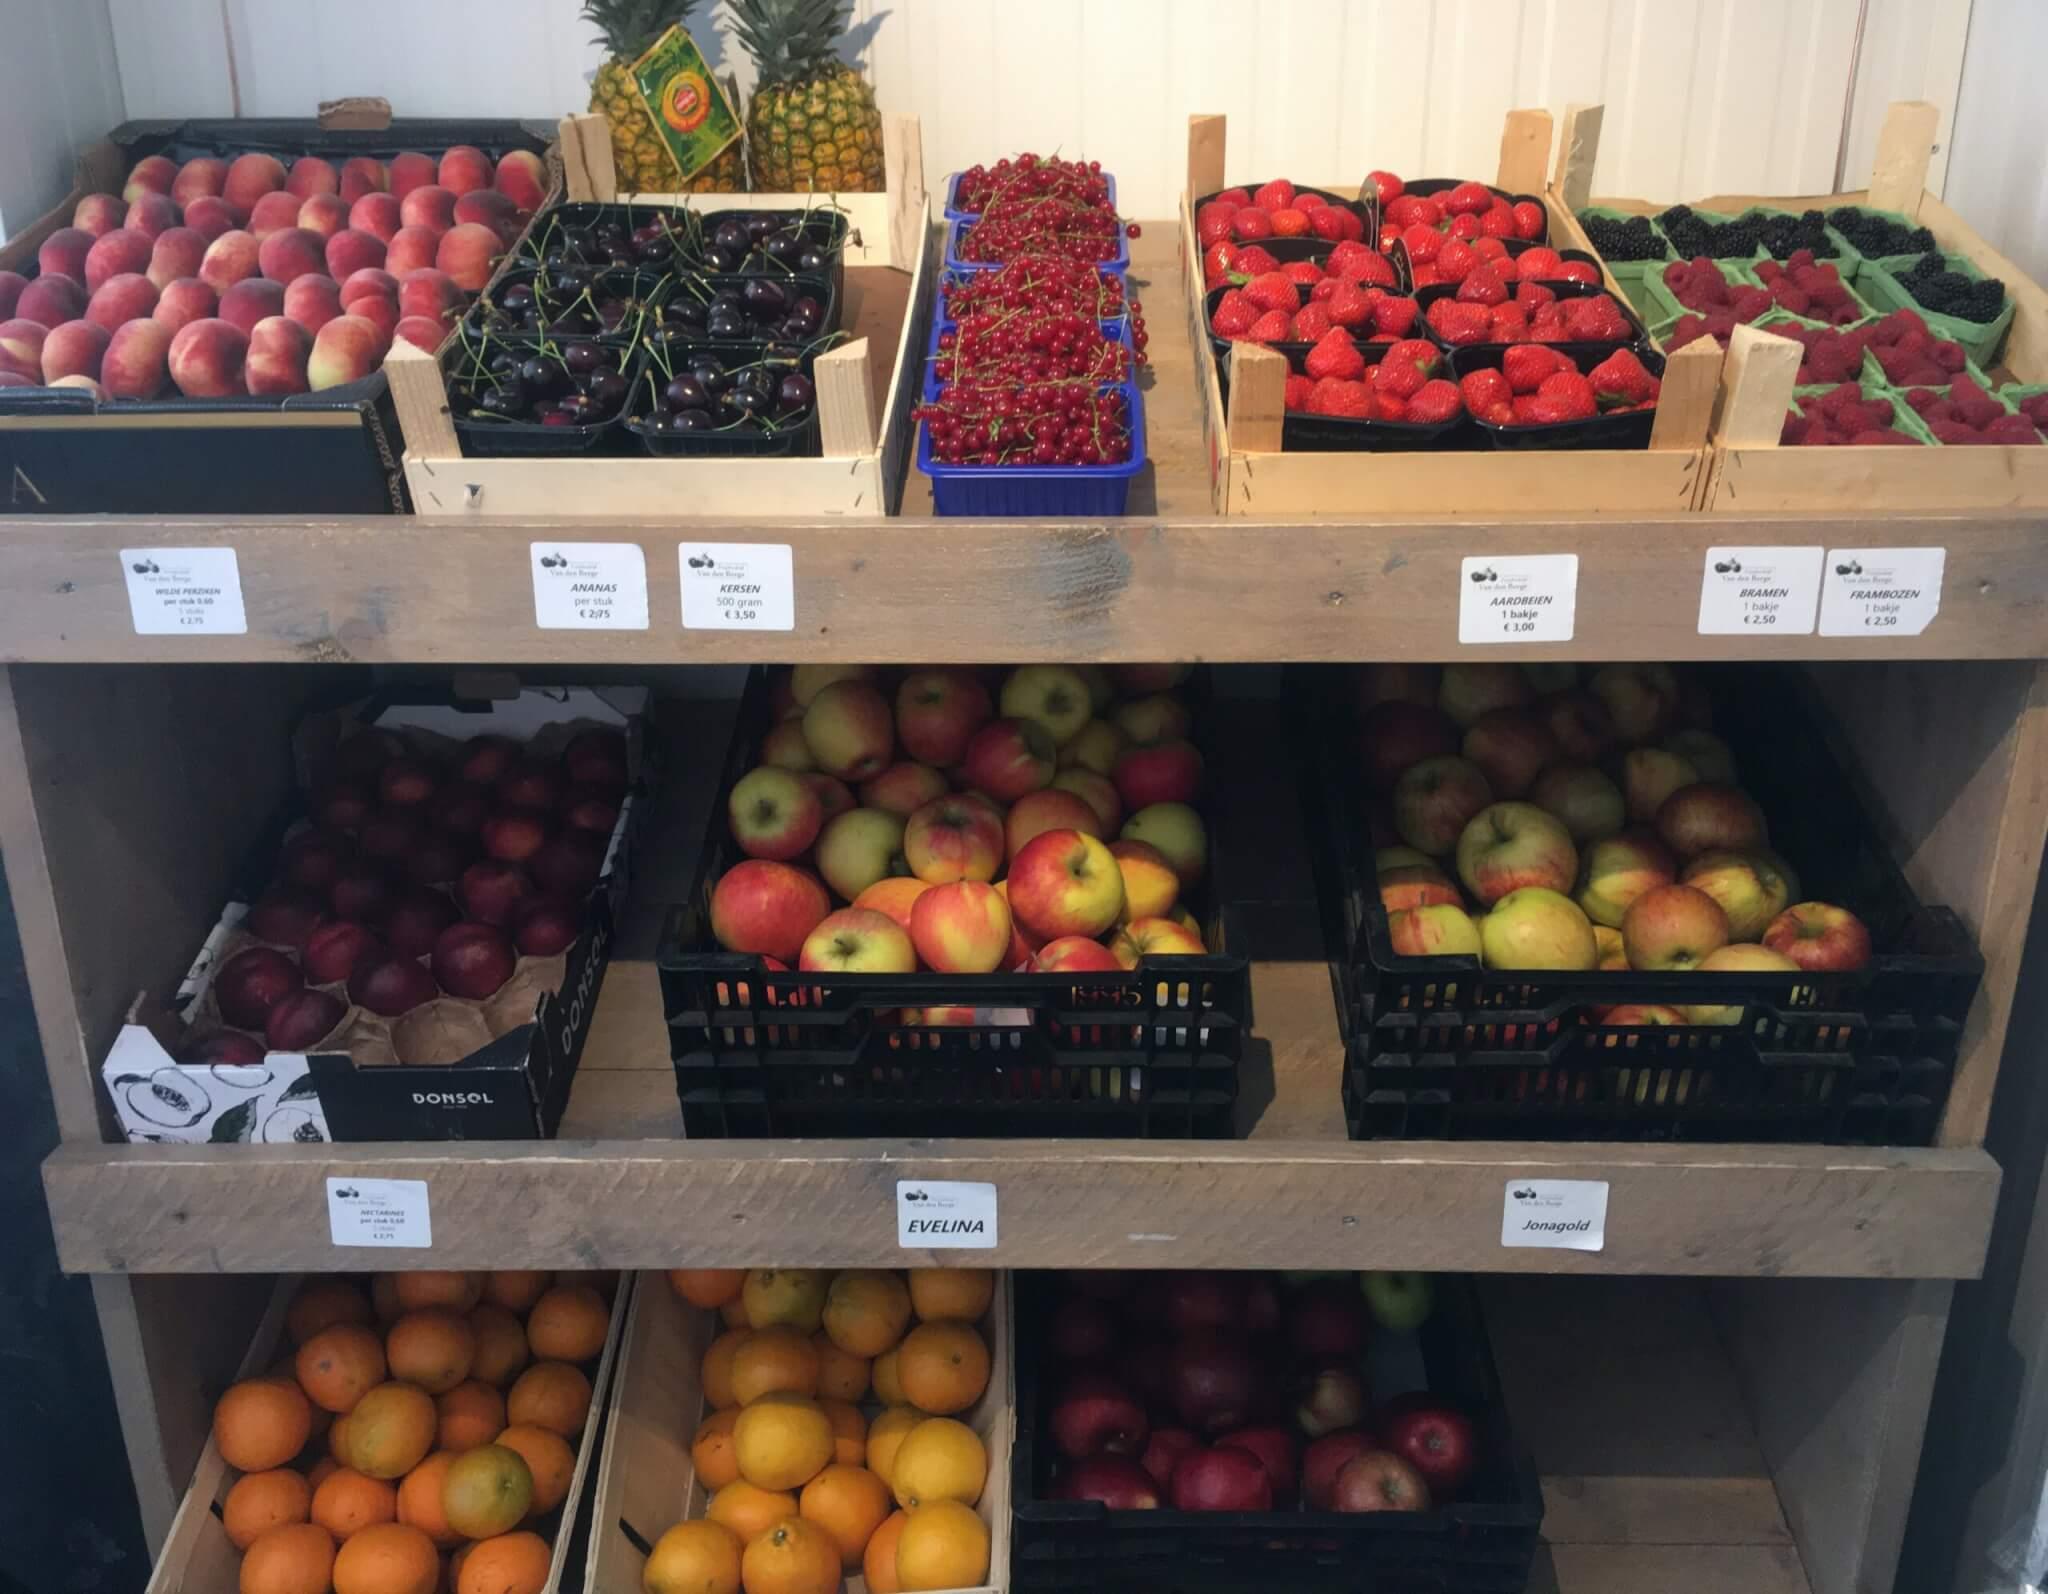 Fruitbedrijf Van den Berge: Appels en Zomerfruit